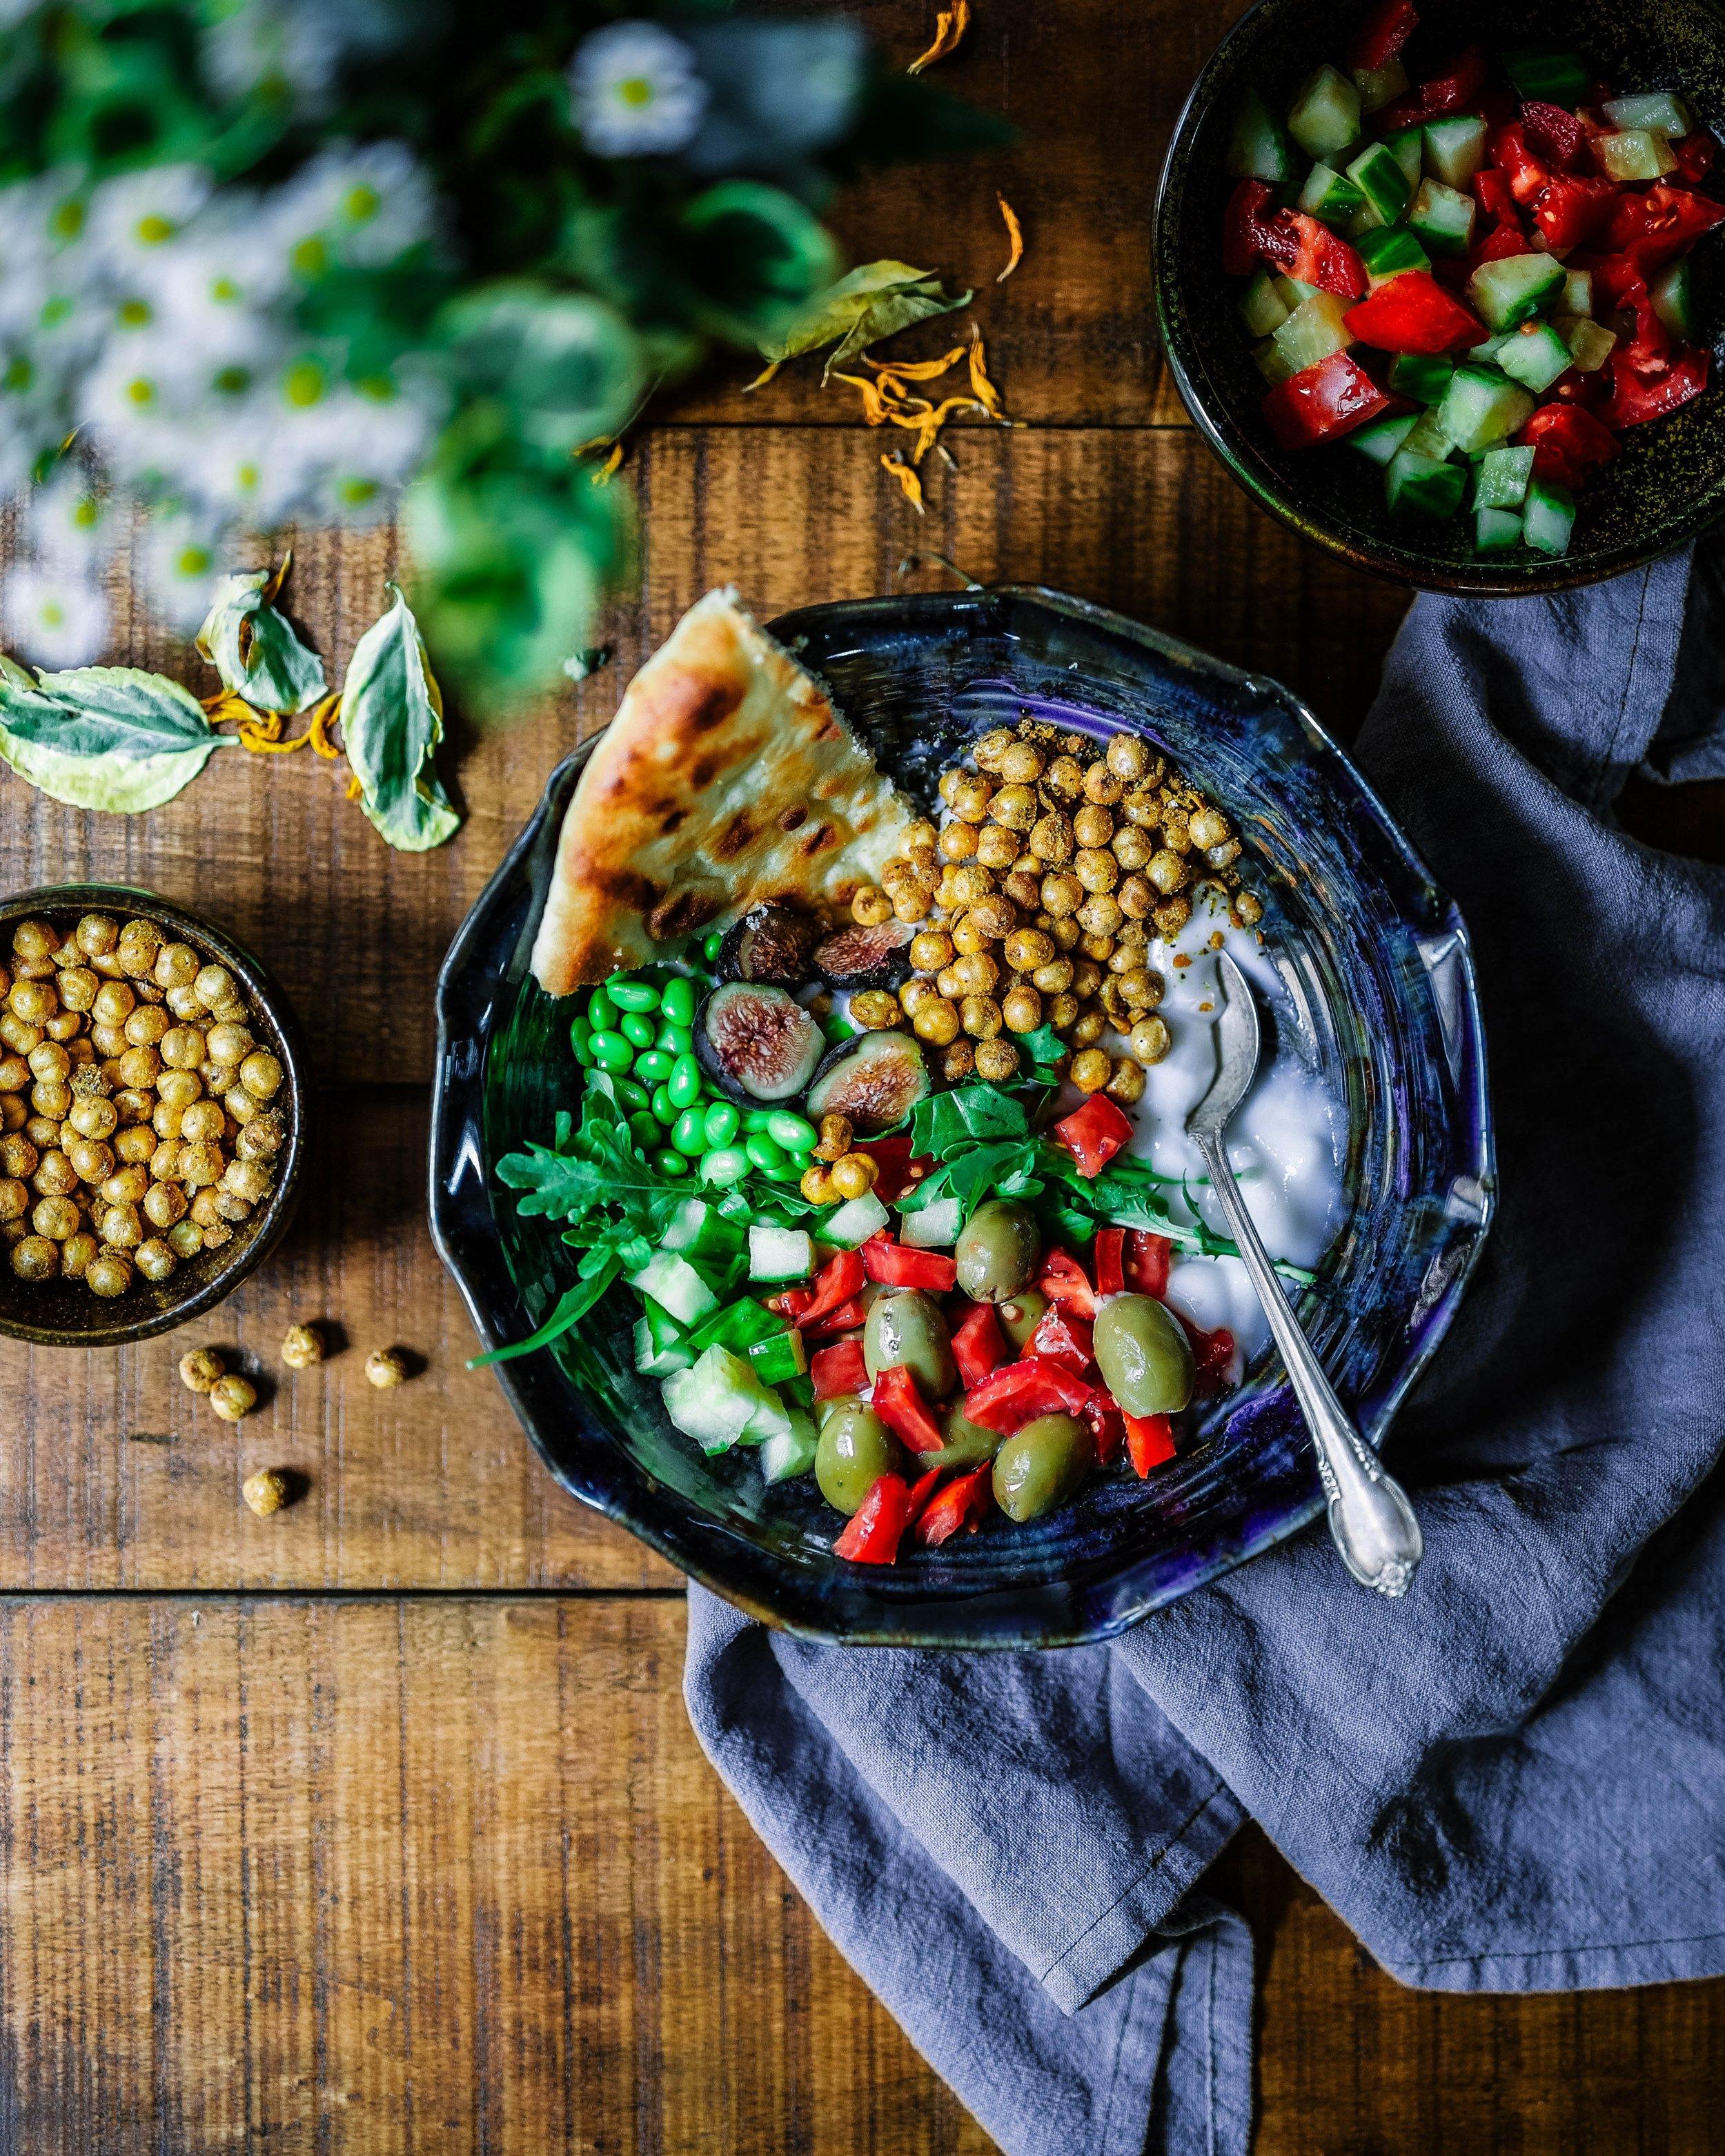 Beans edgar-castrejon-459822-unsplash.jpg